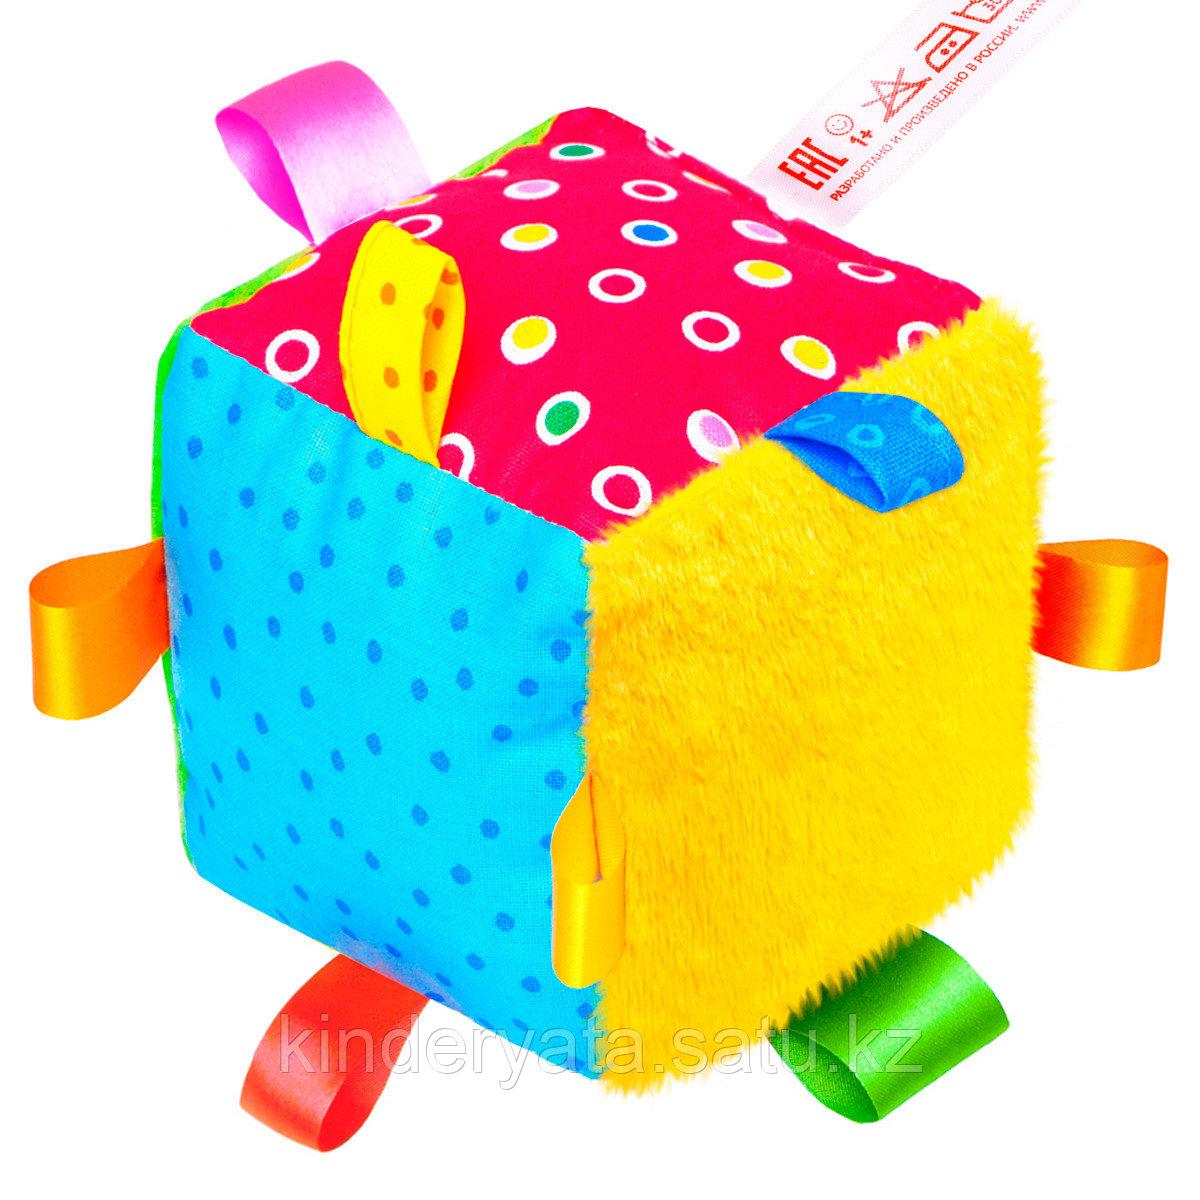 Игрушка «Кубик с петельками»